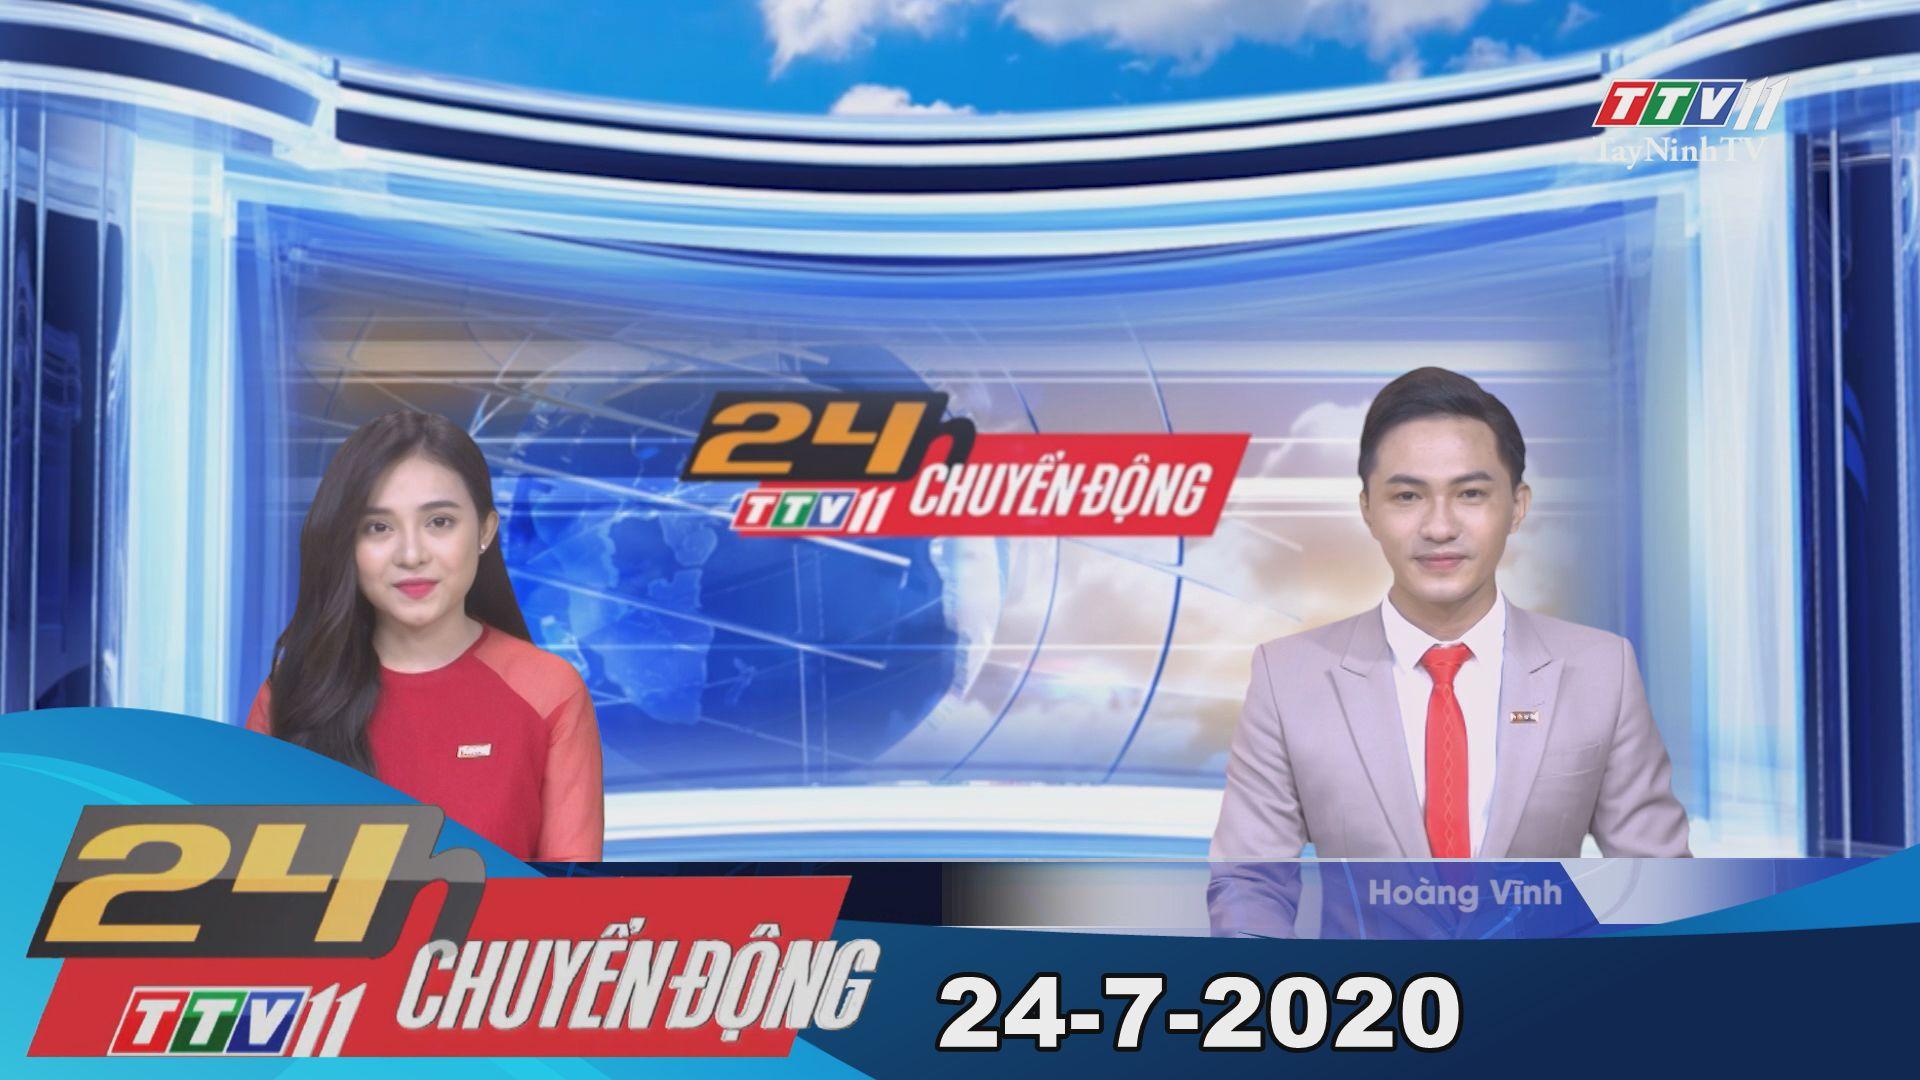 24h Chuyển động 24-7-2020 | Tin tức hôm nay | TayNinhTV